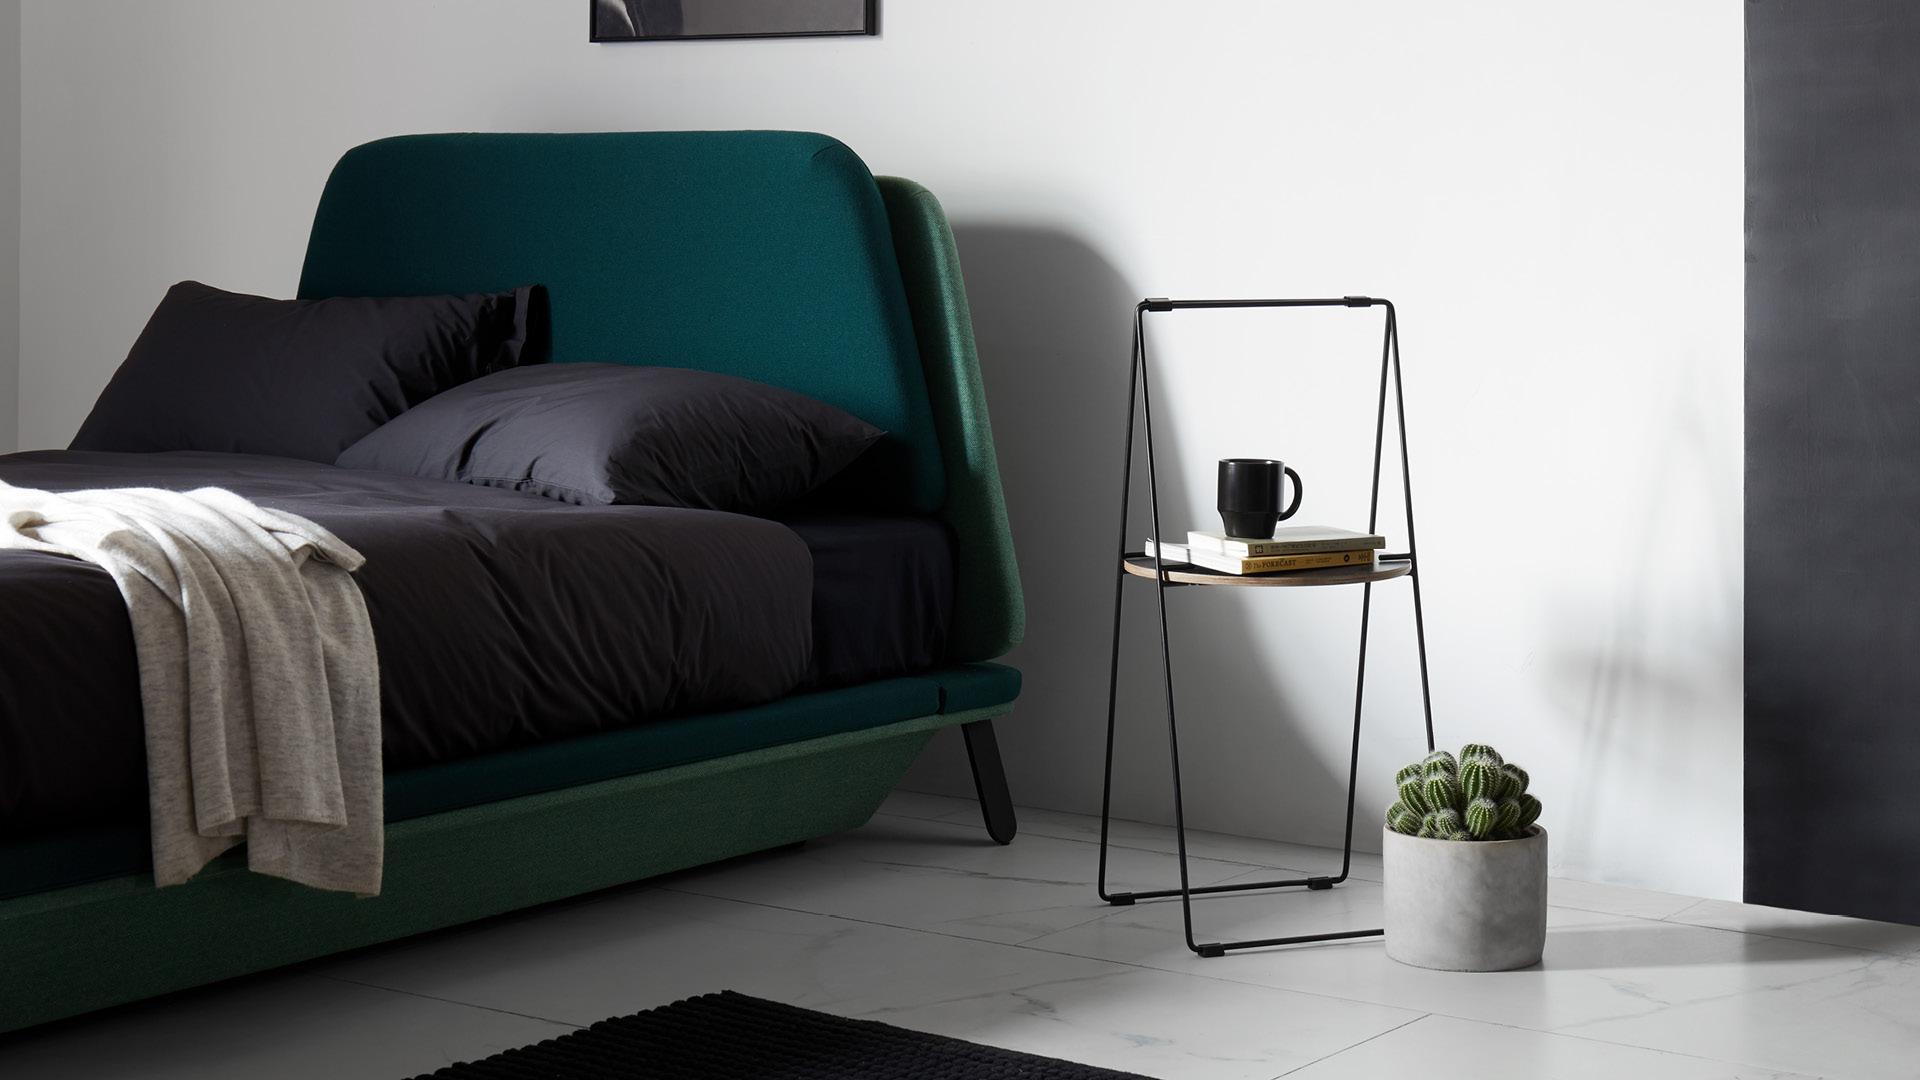 替代厚重床头柜,让卧室通透呼吸